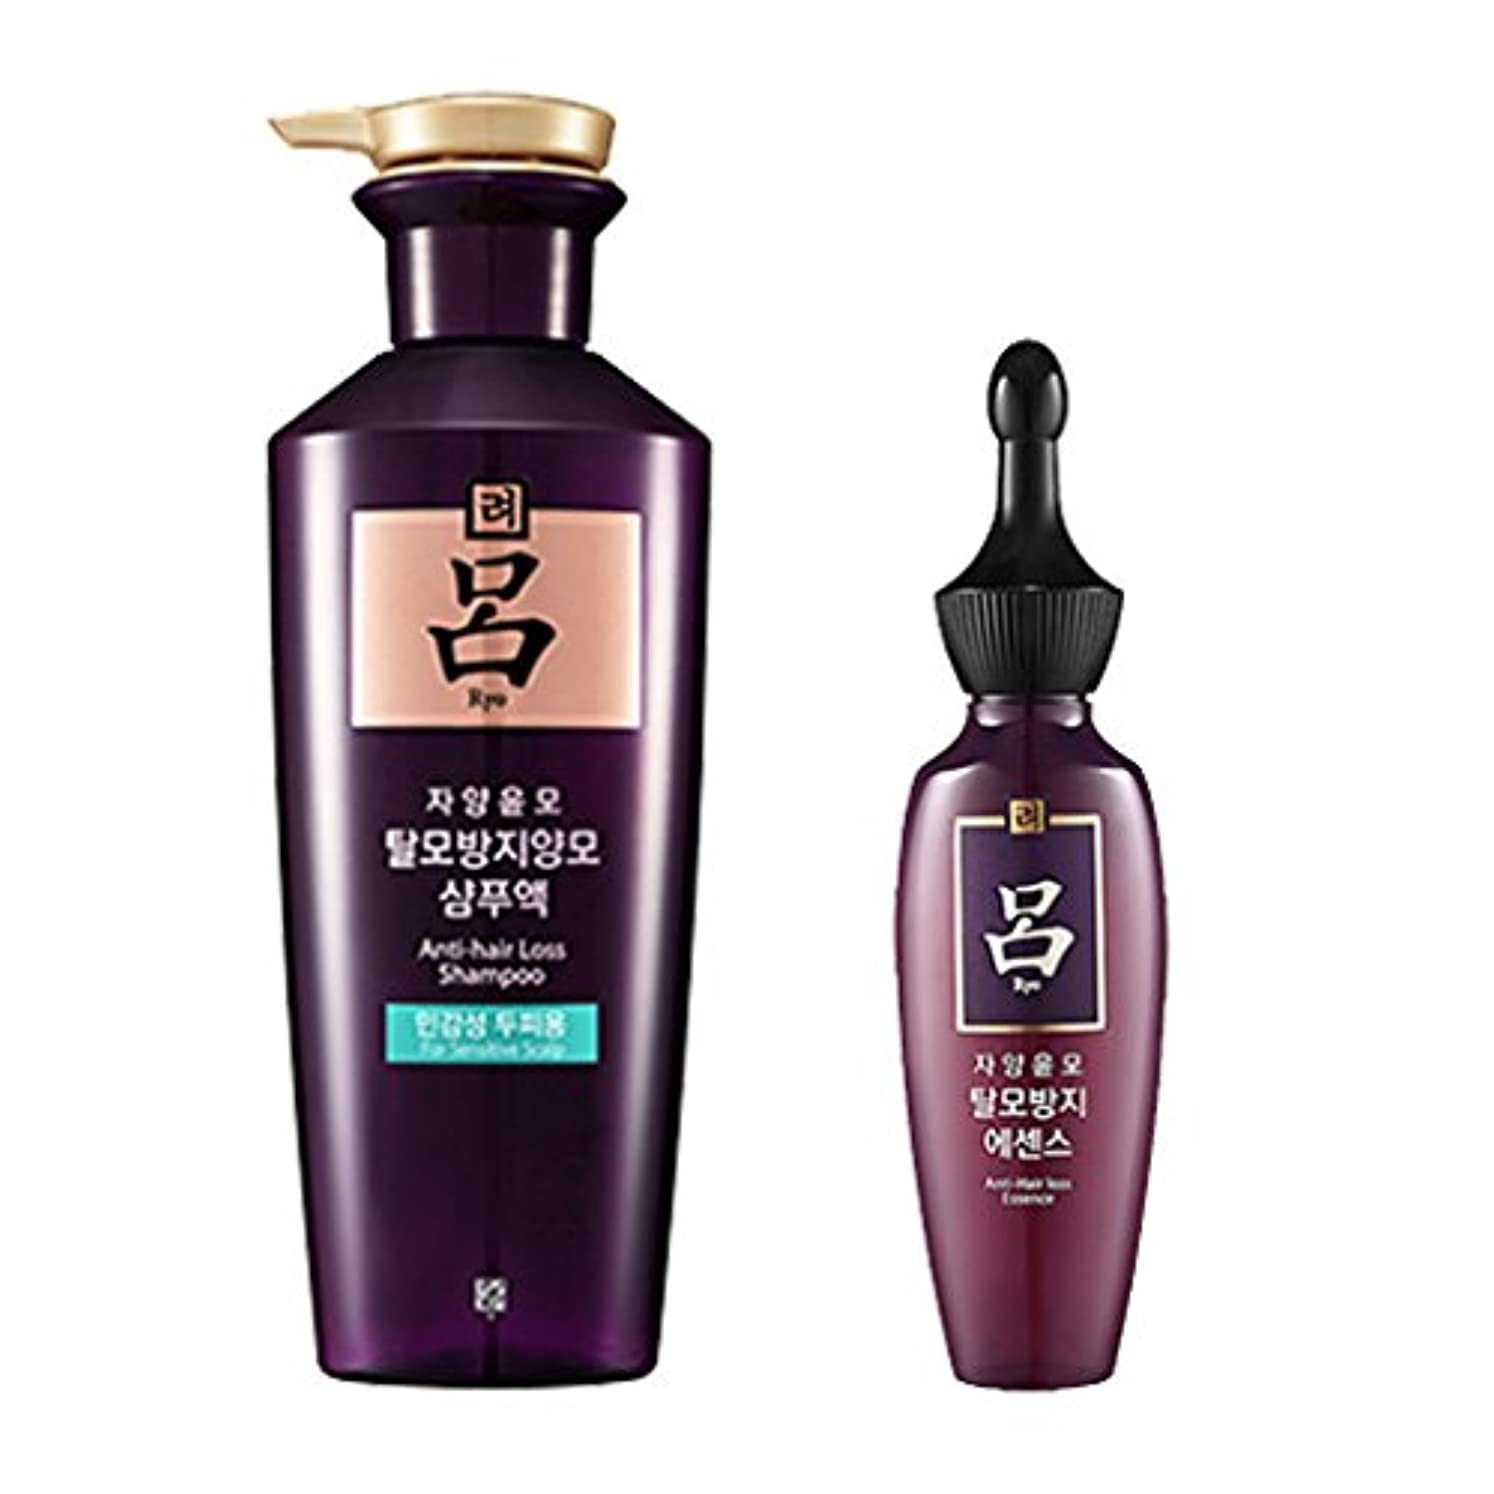 クリープポーチ図呂(リョ) 滋養潤毛 シャンプー(敏感頭皮用) 400ml+エッセンス 75ml